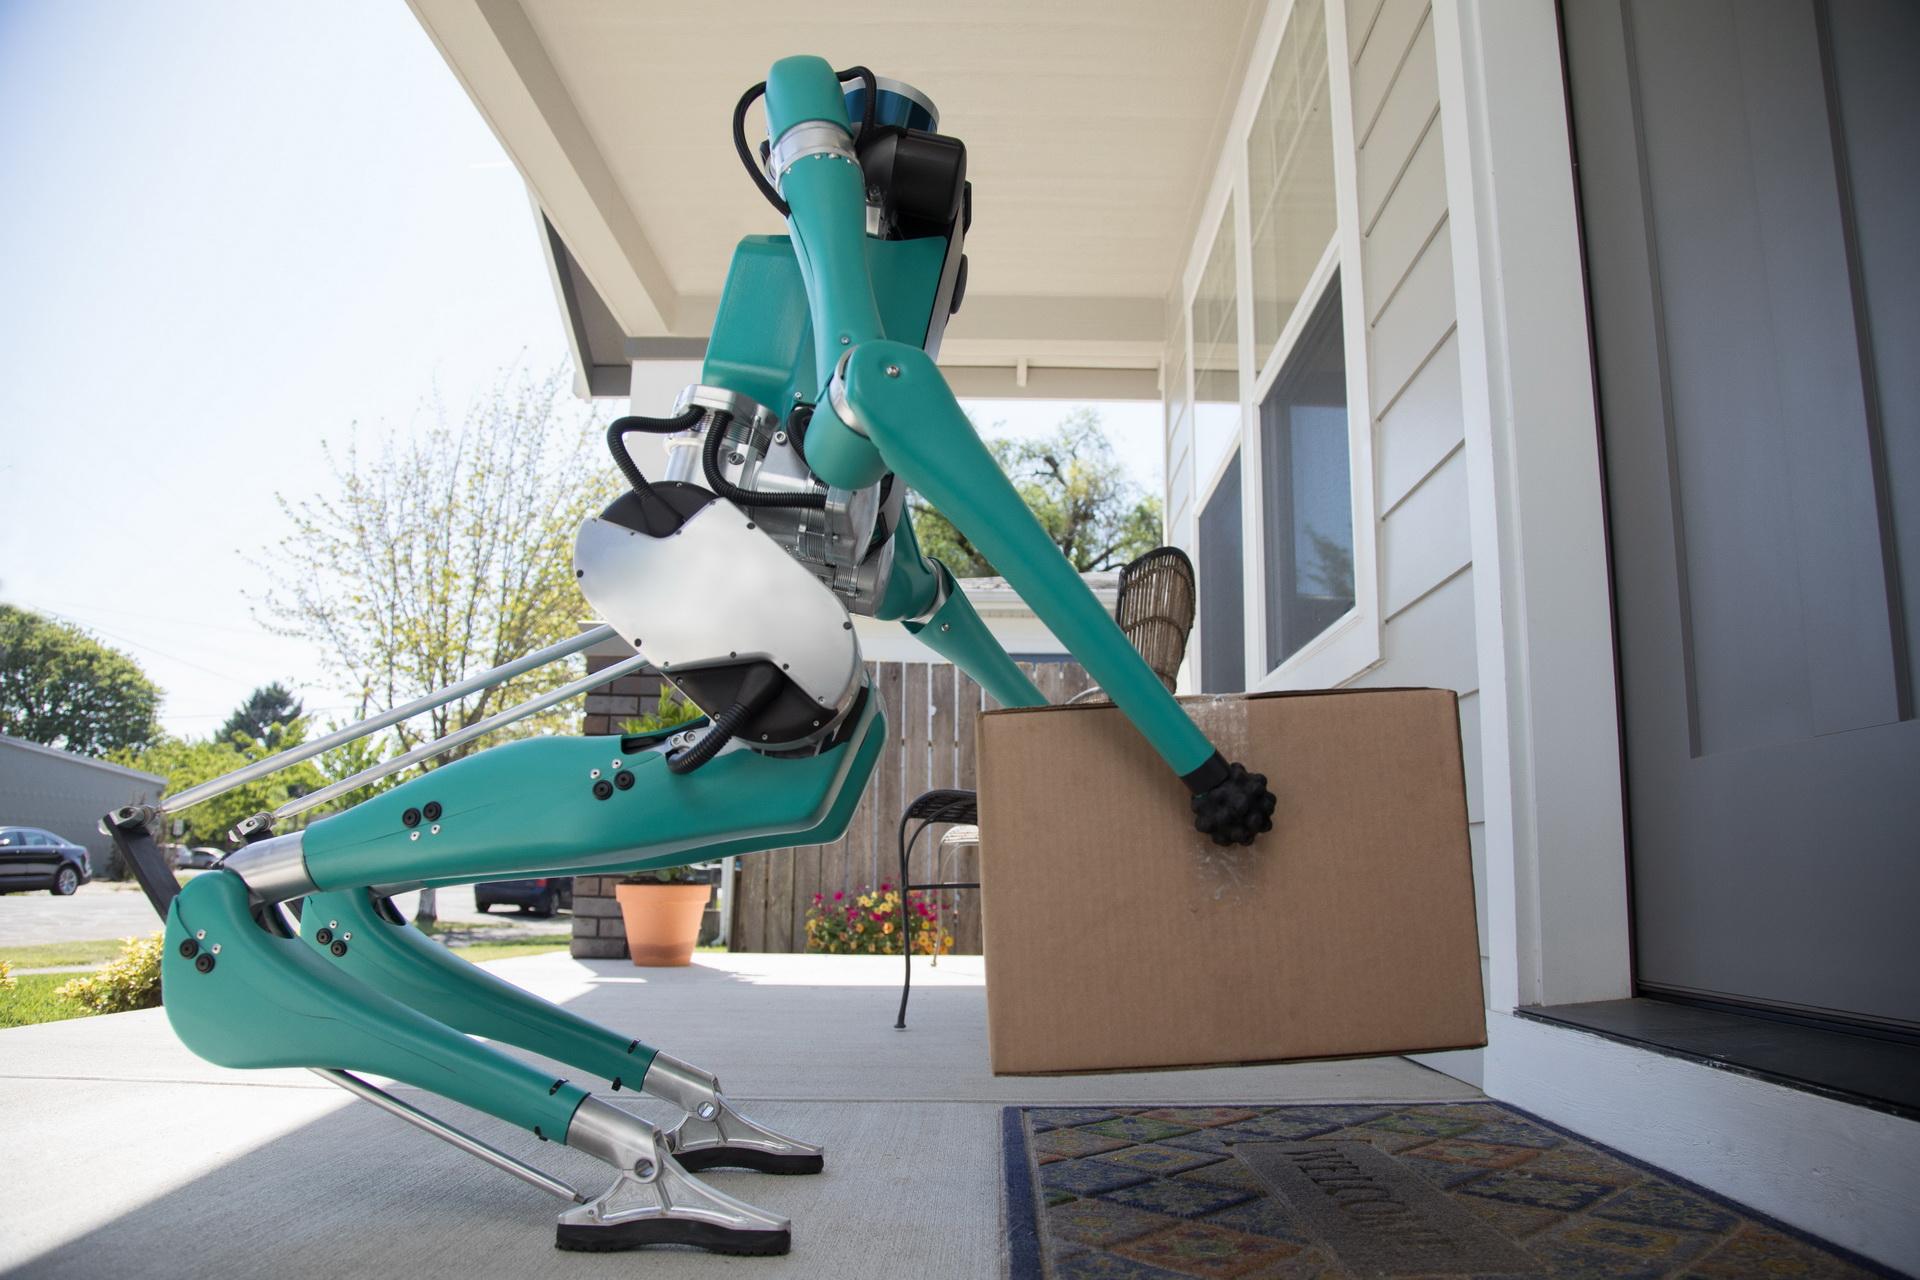 Ford phát triển Digit robot giao hàng tự động đến tận cửa - 3